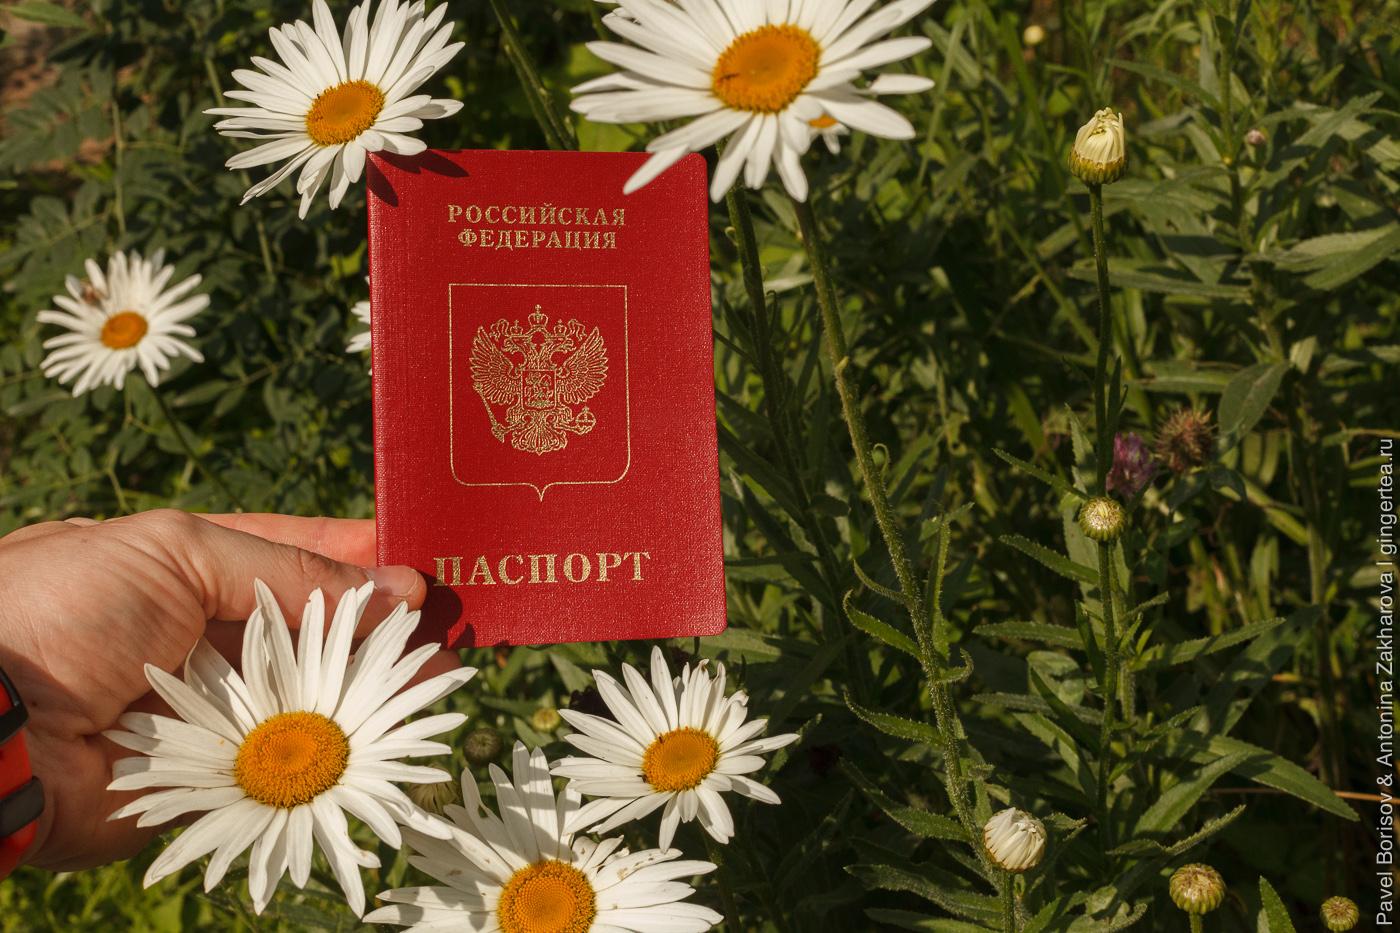 Как зарегистрировать новорожденного за границей, получить загранпаспорт и разрешение на выезд. Наш опыт в Индии.